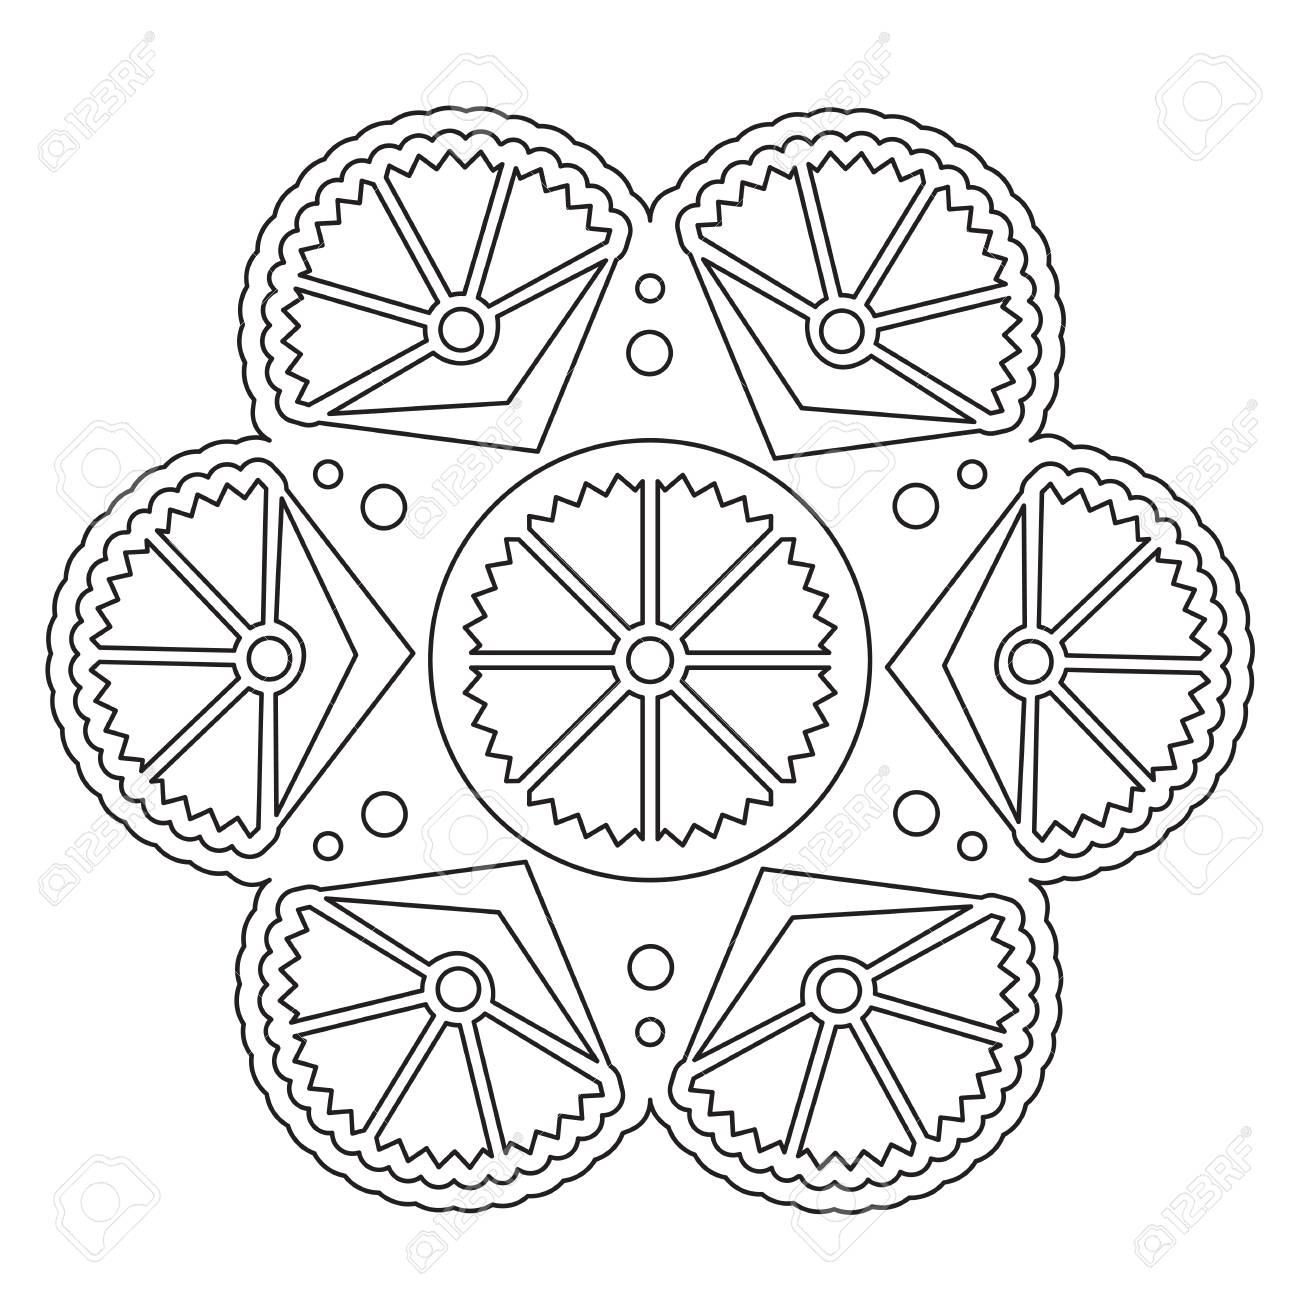 Vector Färbung Einfache Mandala Runde Blumenverzierung Für Kinder ...